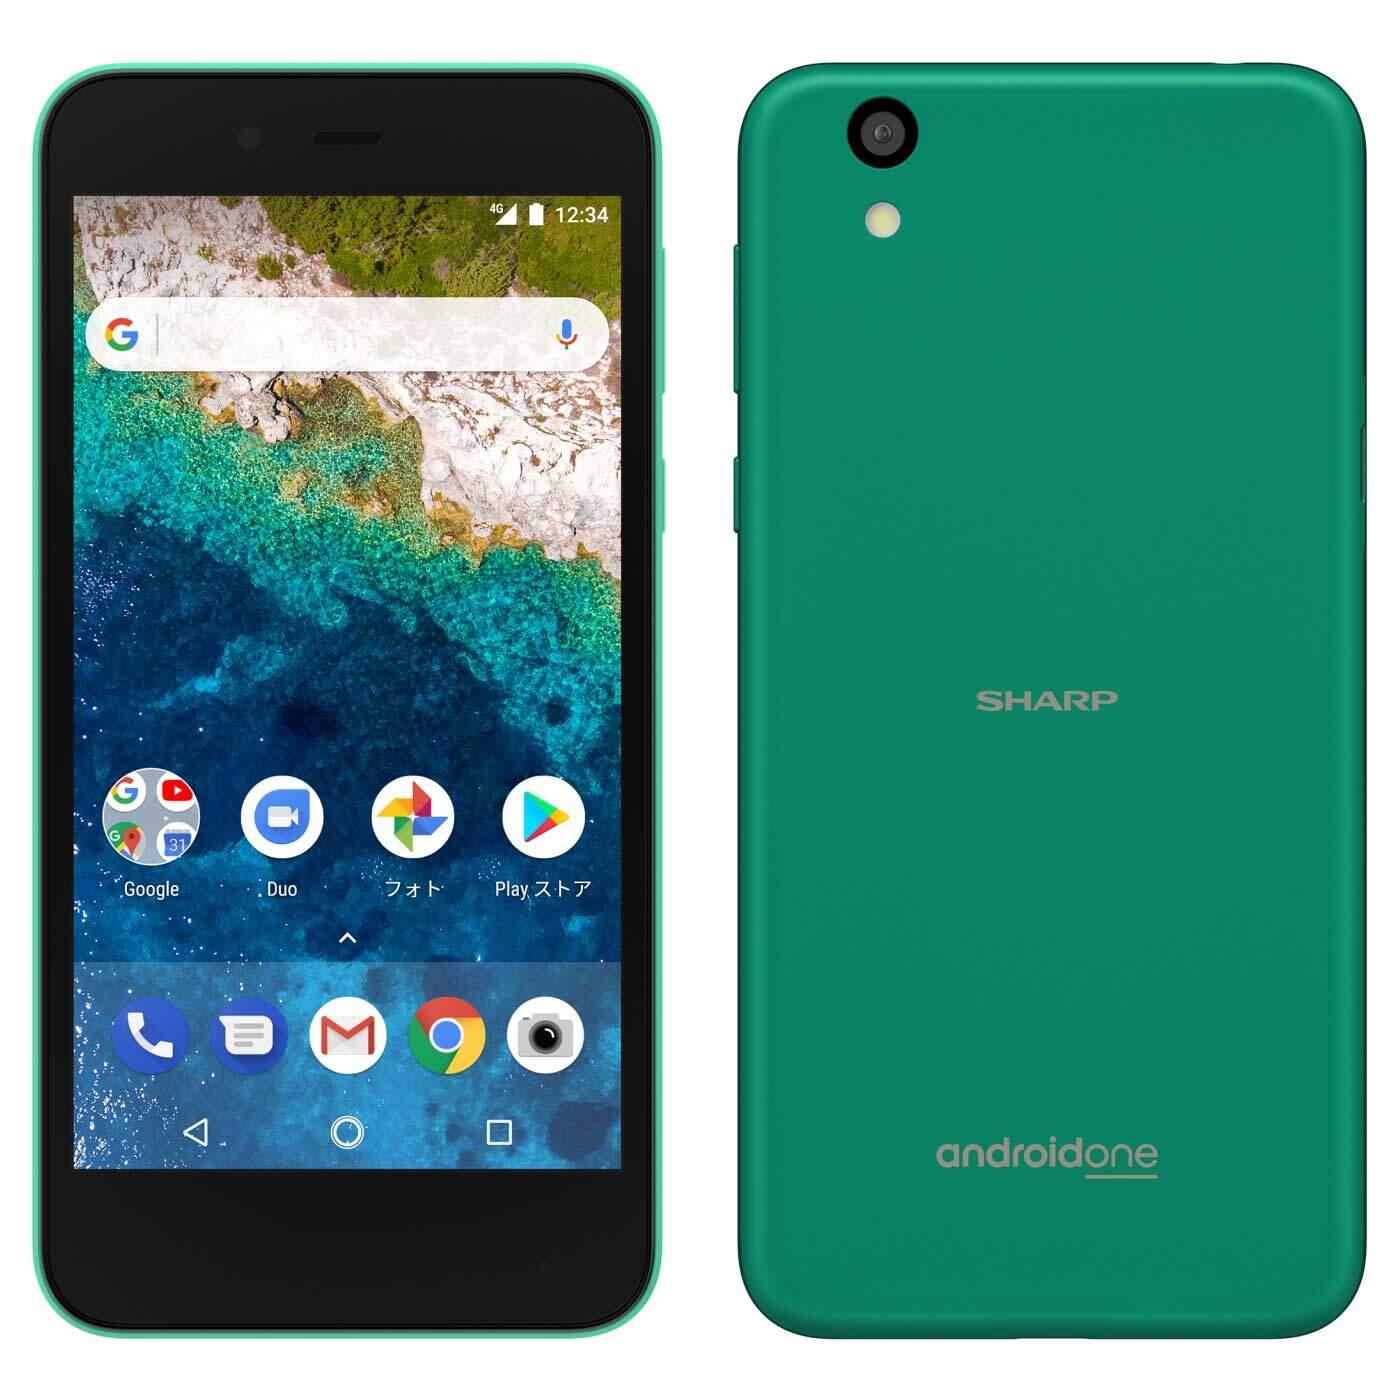 ワイモバイルから「Android One S3」が登場!スペックや価格・発売日情報